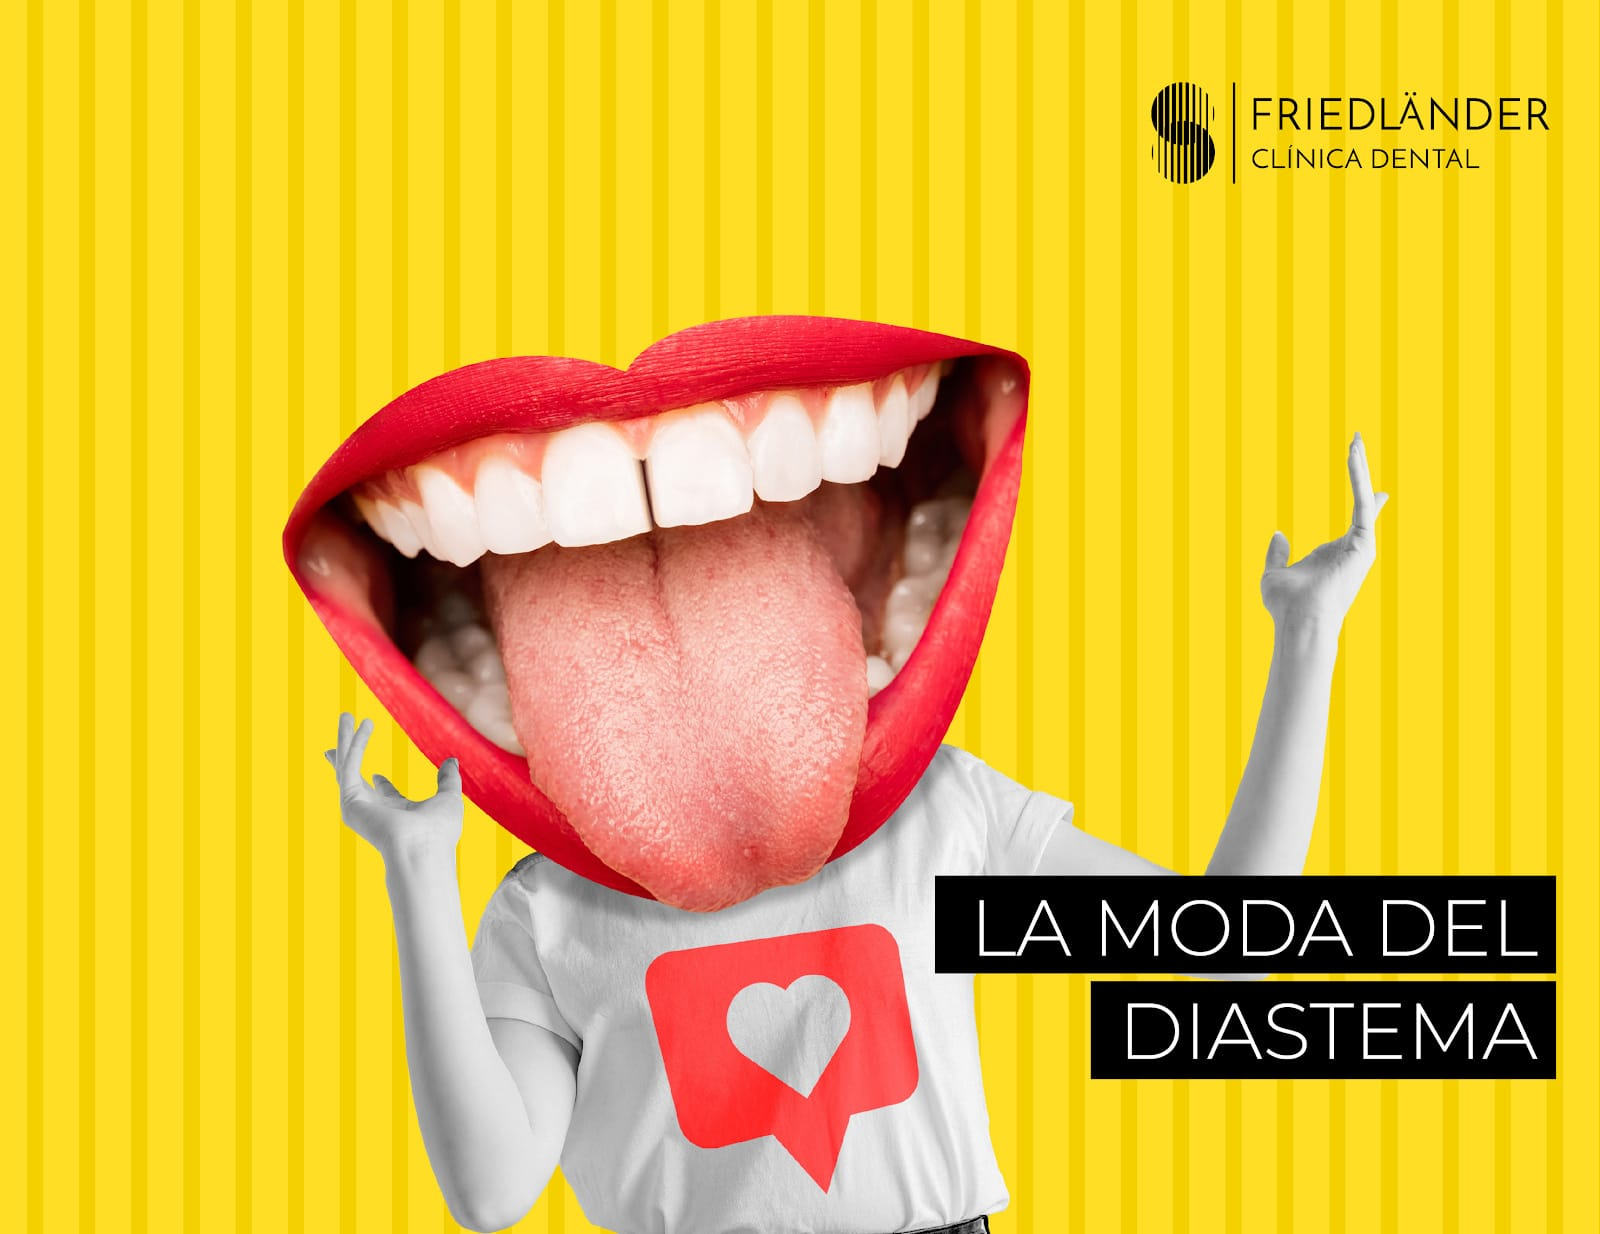 Diastema: La moda de los dientes separados. 3